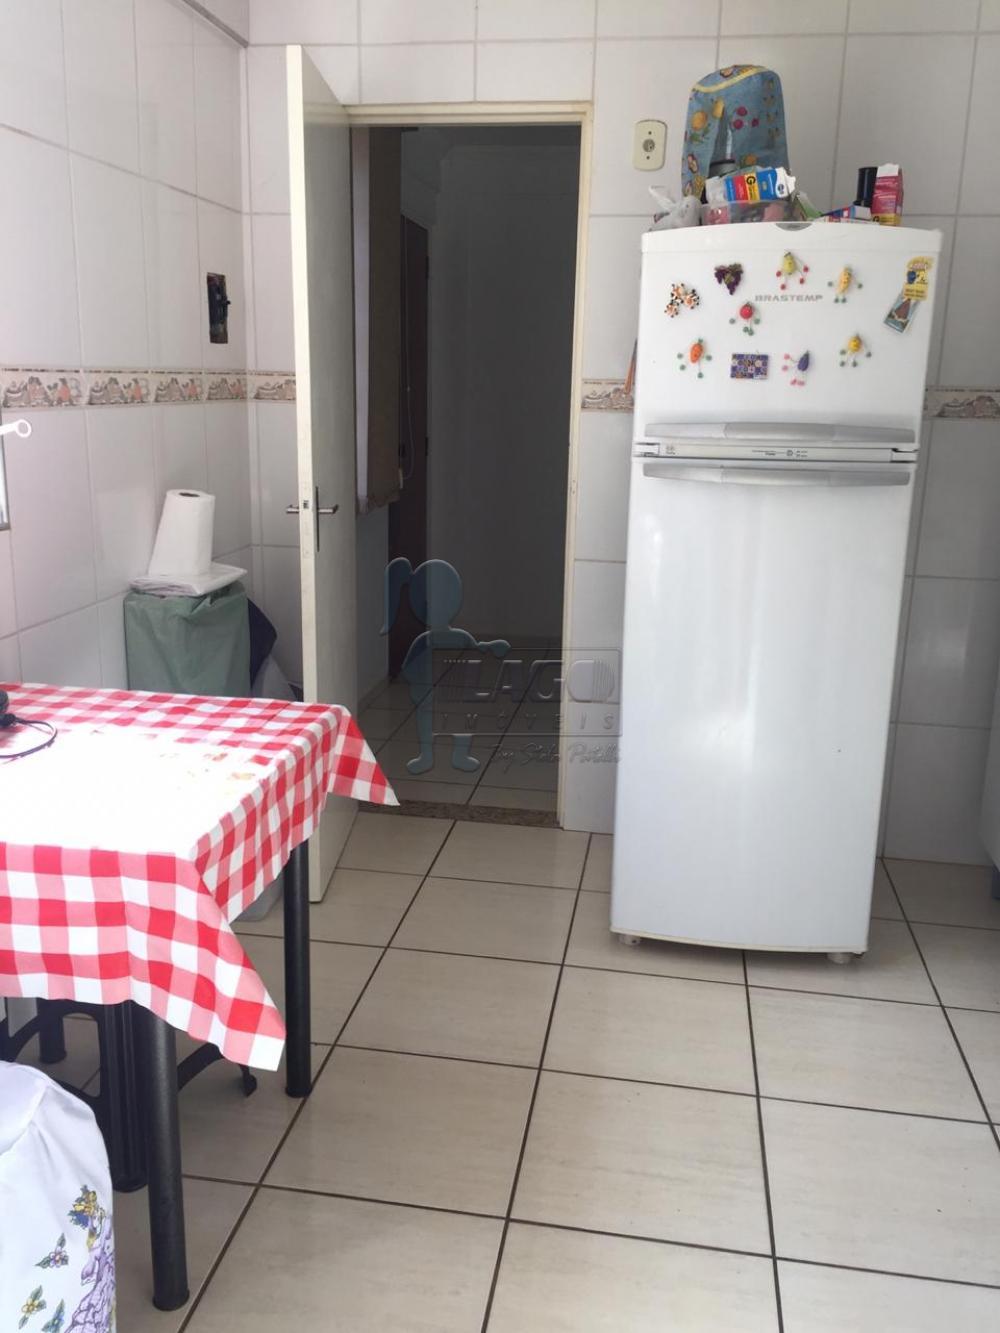 Comprar Apartamento / Padrão em Ribeirão Preto apenas R$ 135.000,00 - Foto 2